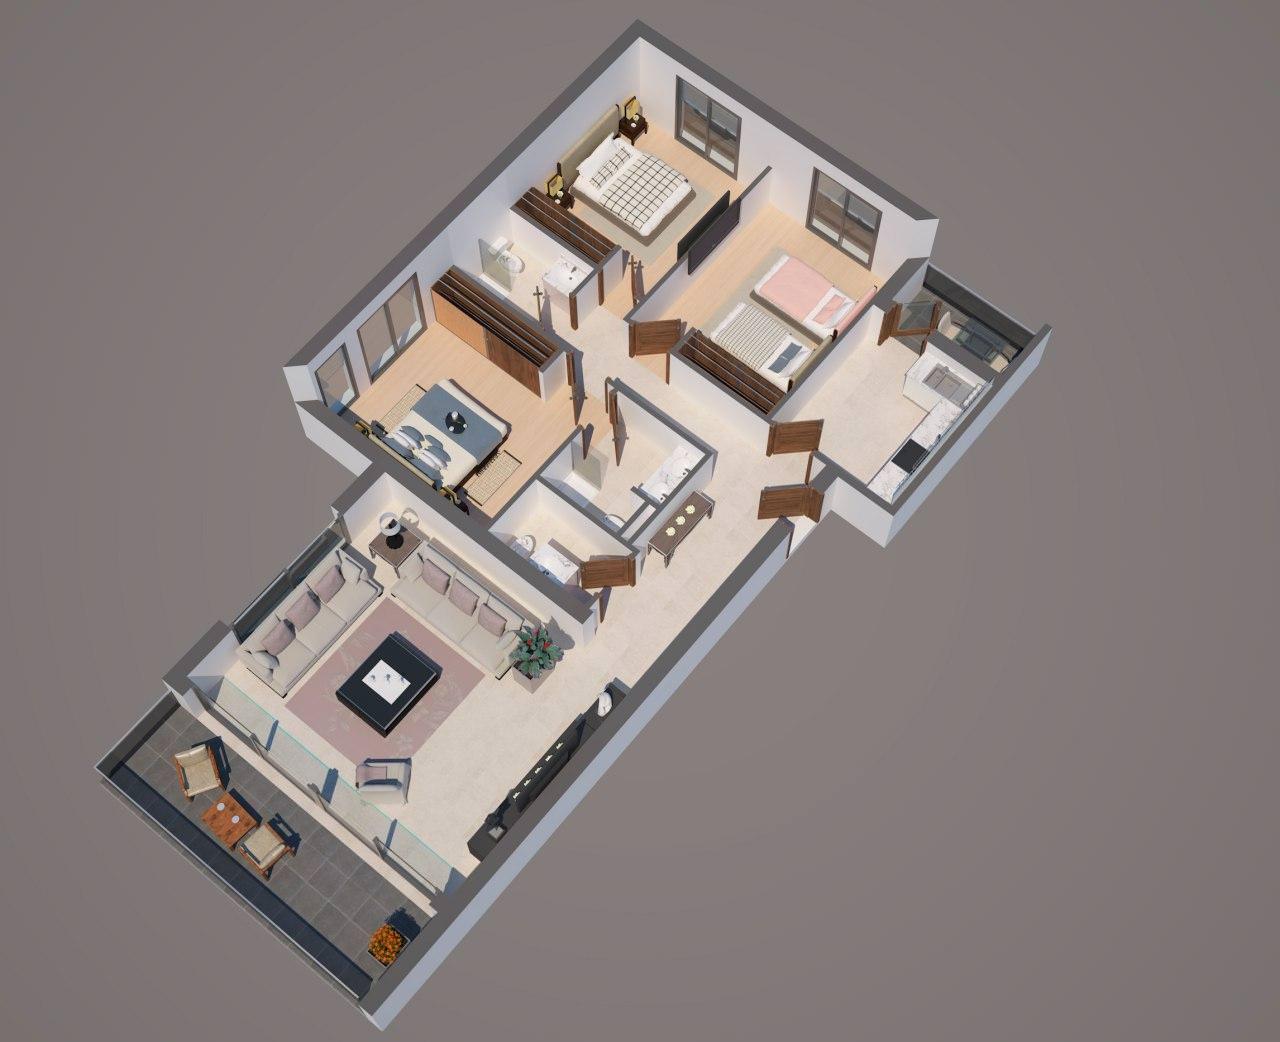 iCom-Agence-de-Communication-au-Maroc-Casablanca-creation-site-web-images-3d-architecture2020-05-27 at 5.17.23 PM 3